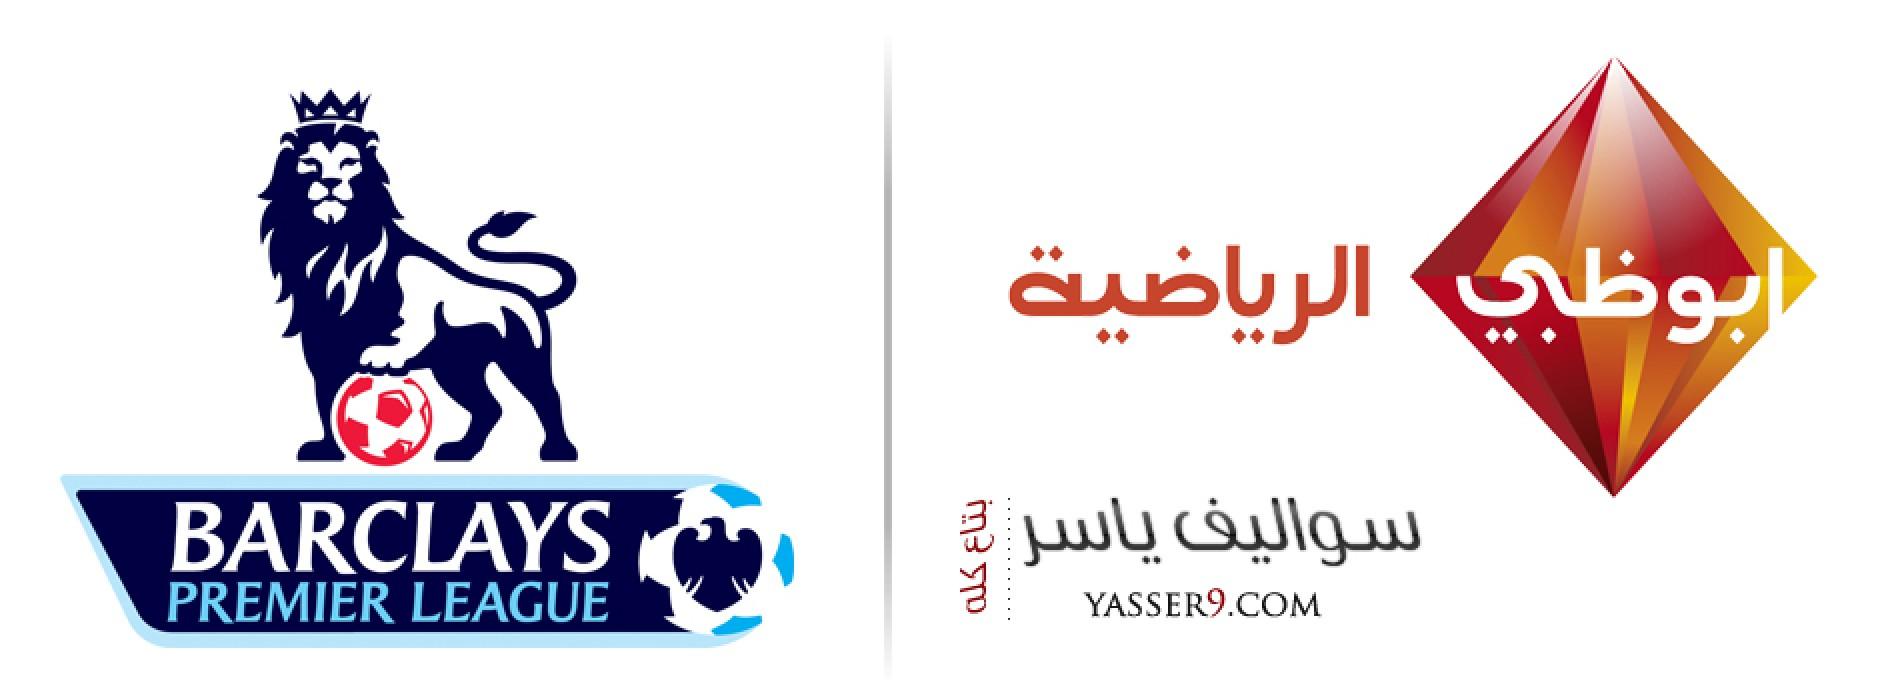 [ شرح ] تجديد بطاقة قنوات ابوظبي الرياضية عن طريق النت ب 439 ريال فقط